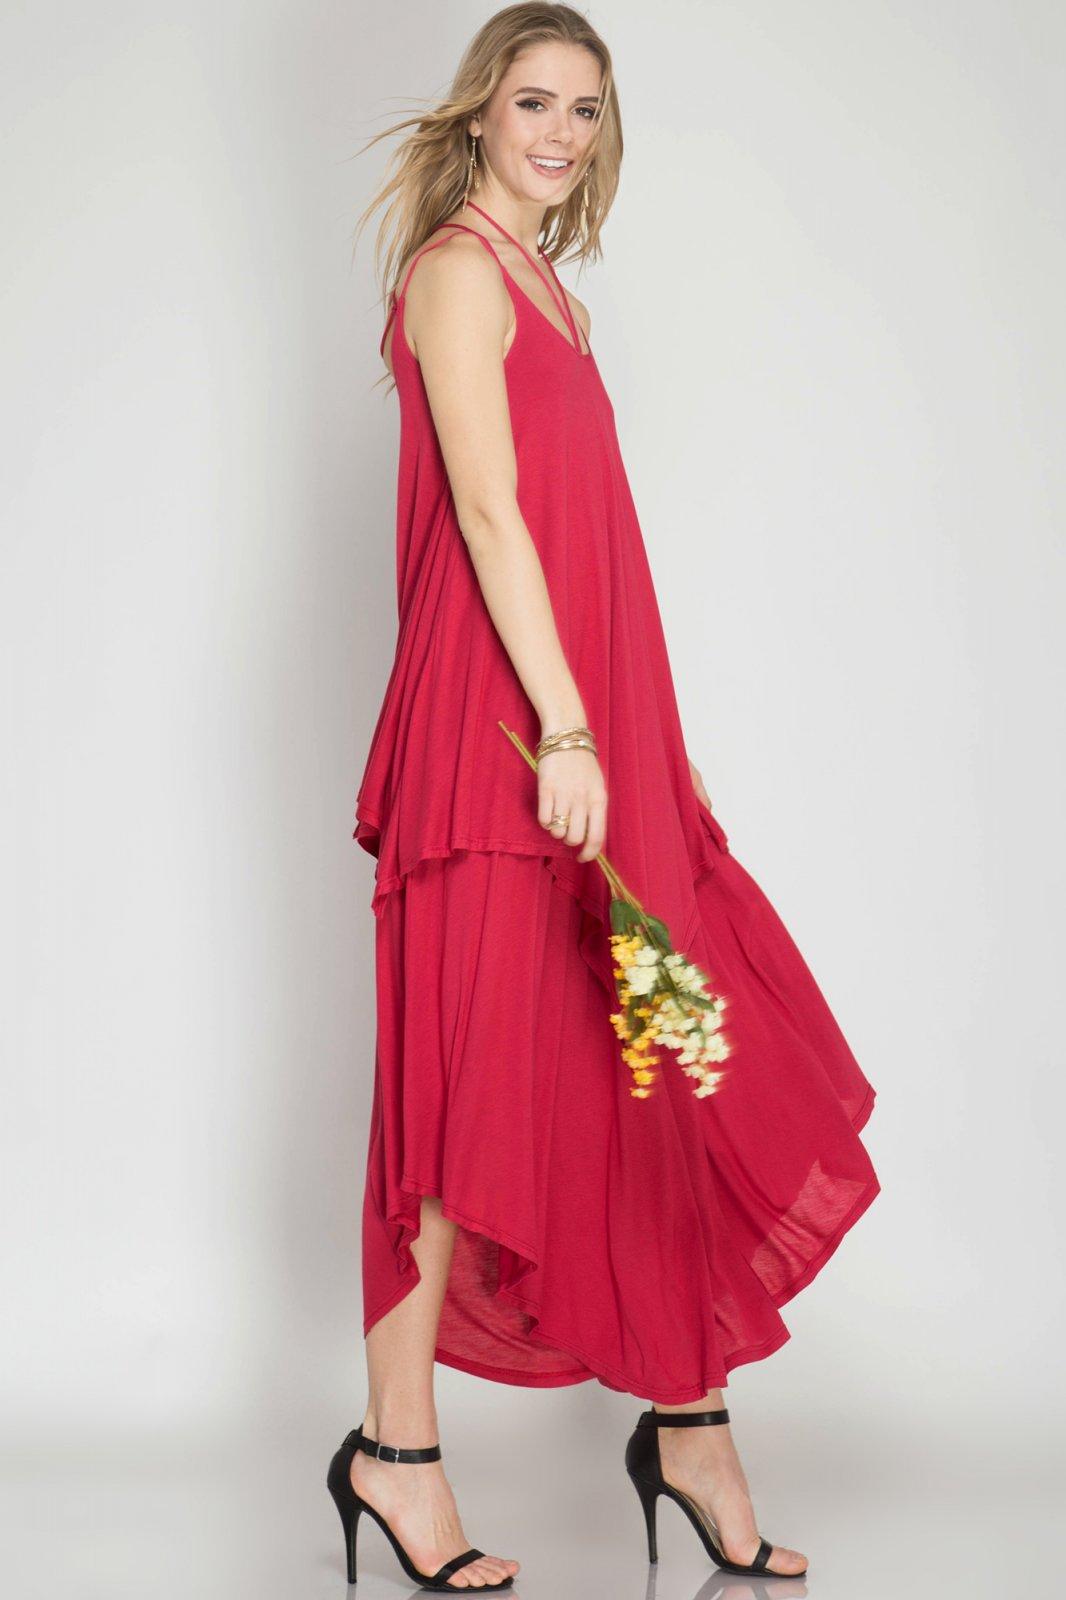 DRESS Maxi Knit Dress CHERRY * RAYON